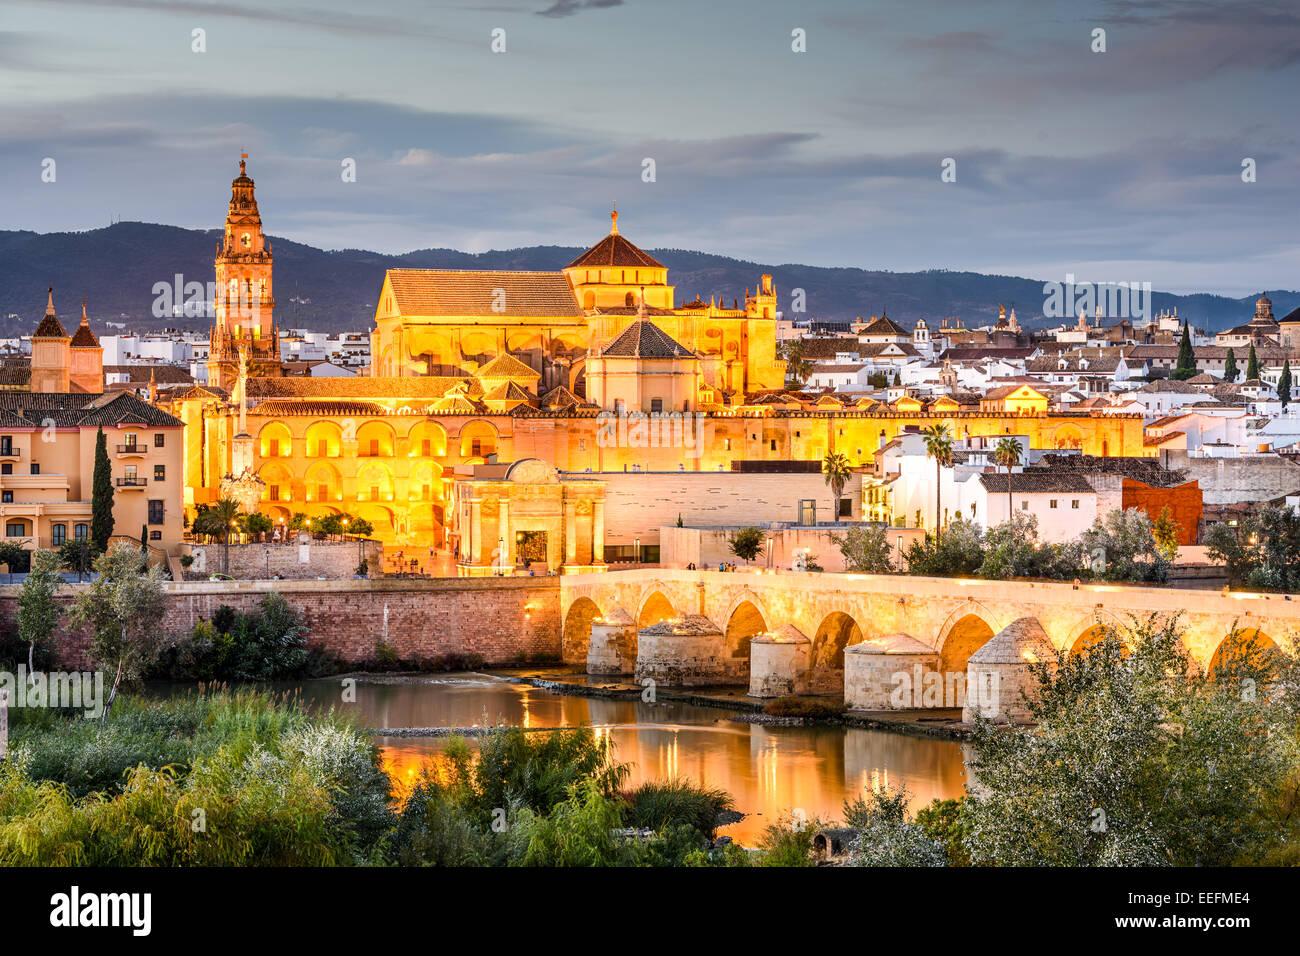 Cordoba, España en la Mezquita-Catedral y el puente romano sobre el río Guadalquivir. Imagen De Stock